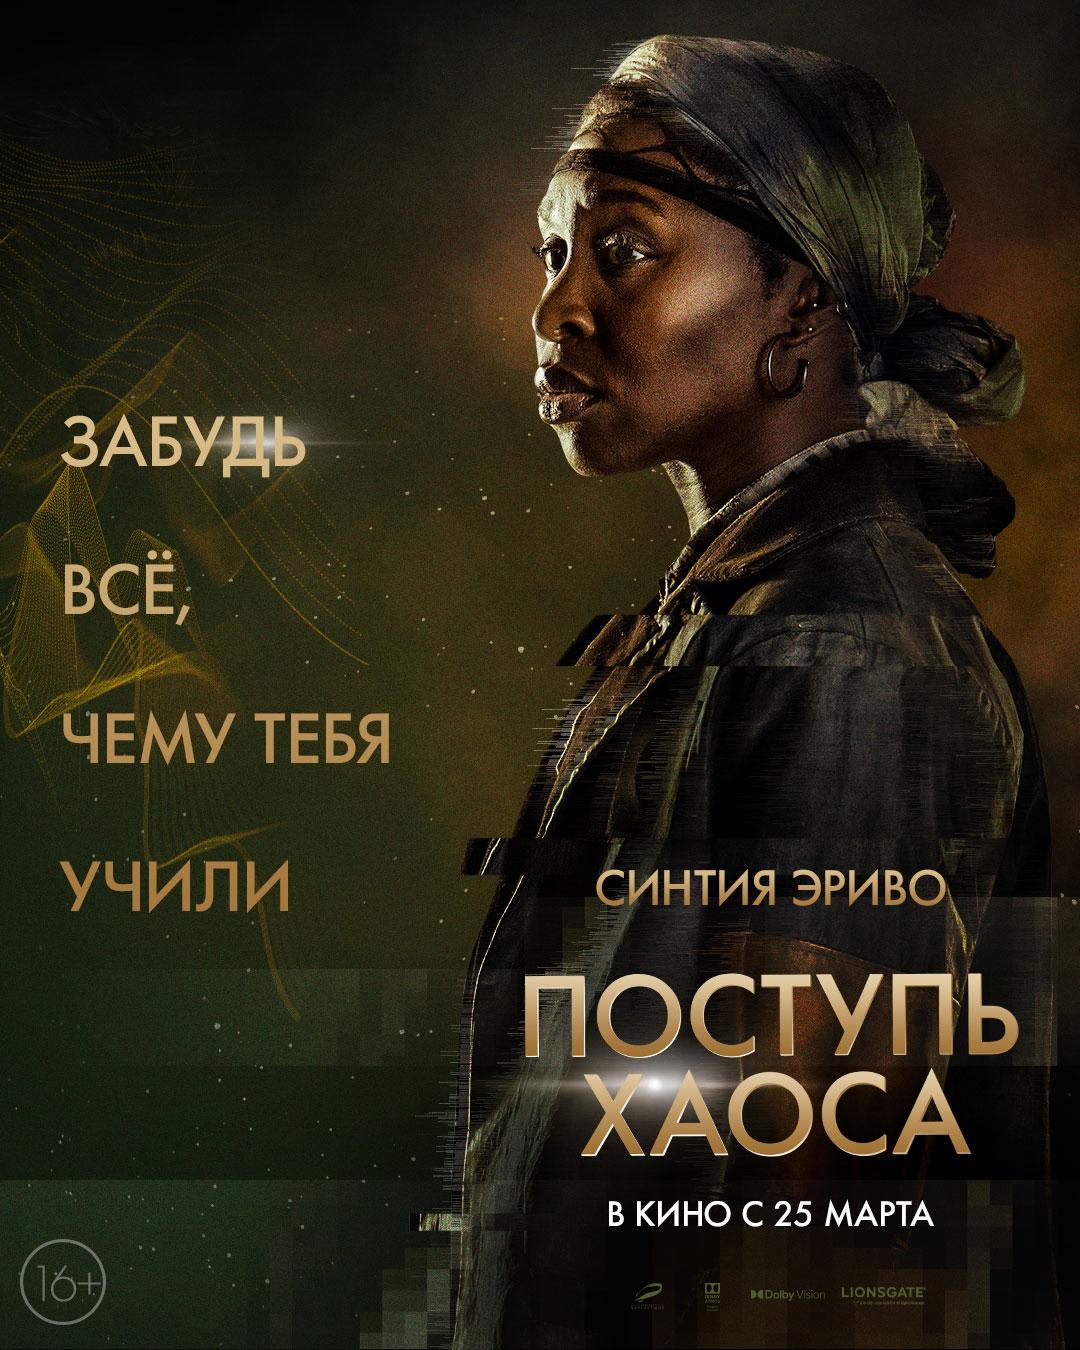 Поступь хаоса, постер № 17